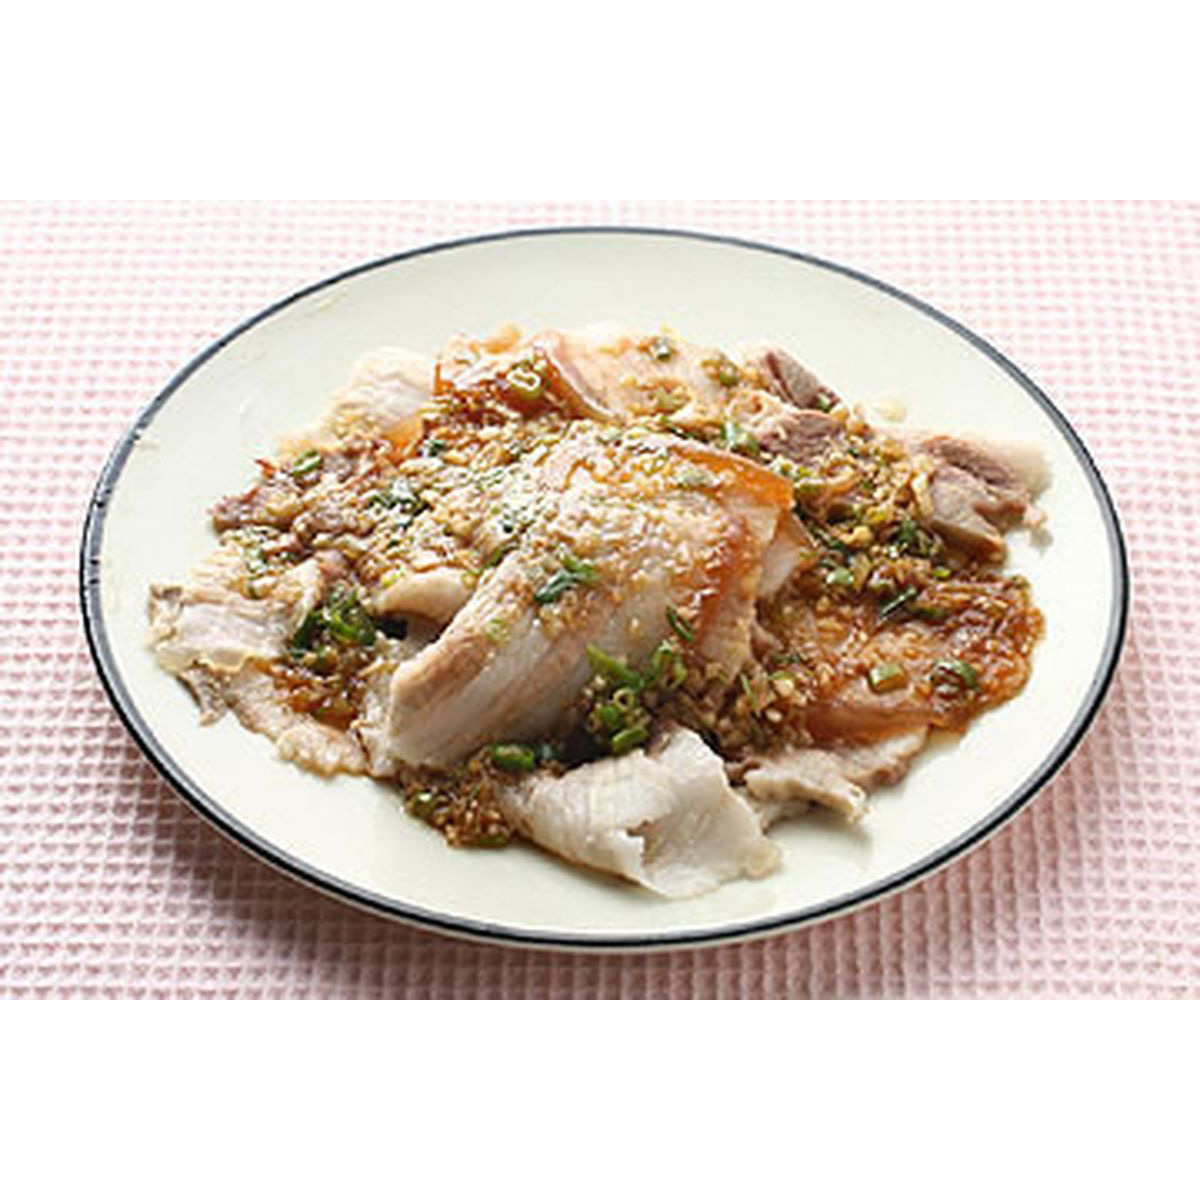 食譜:簡單又美味的白切肉